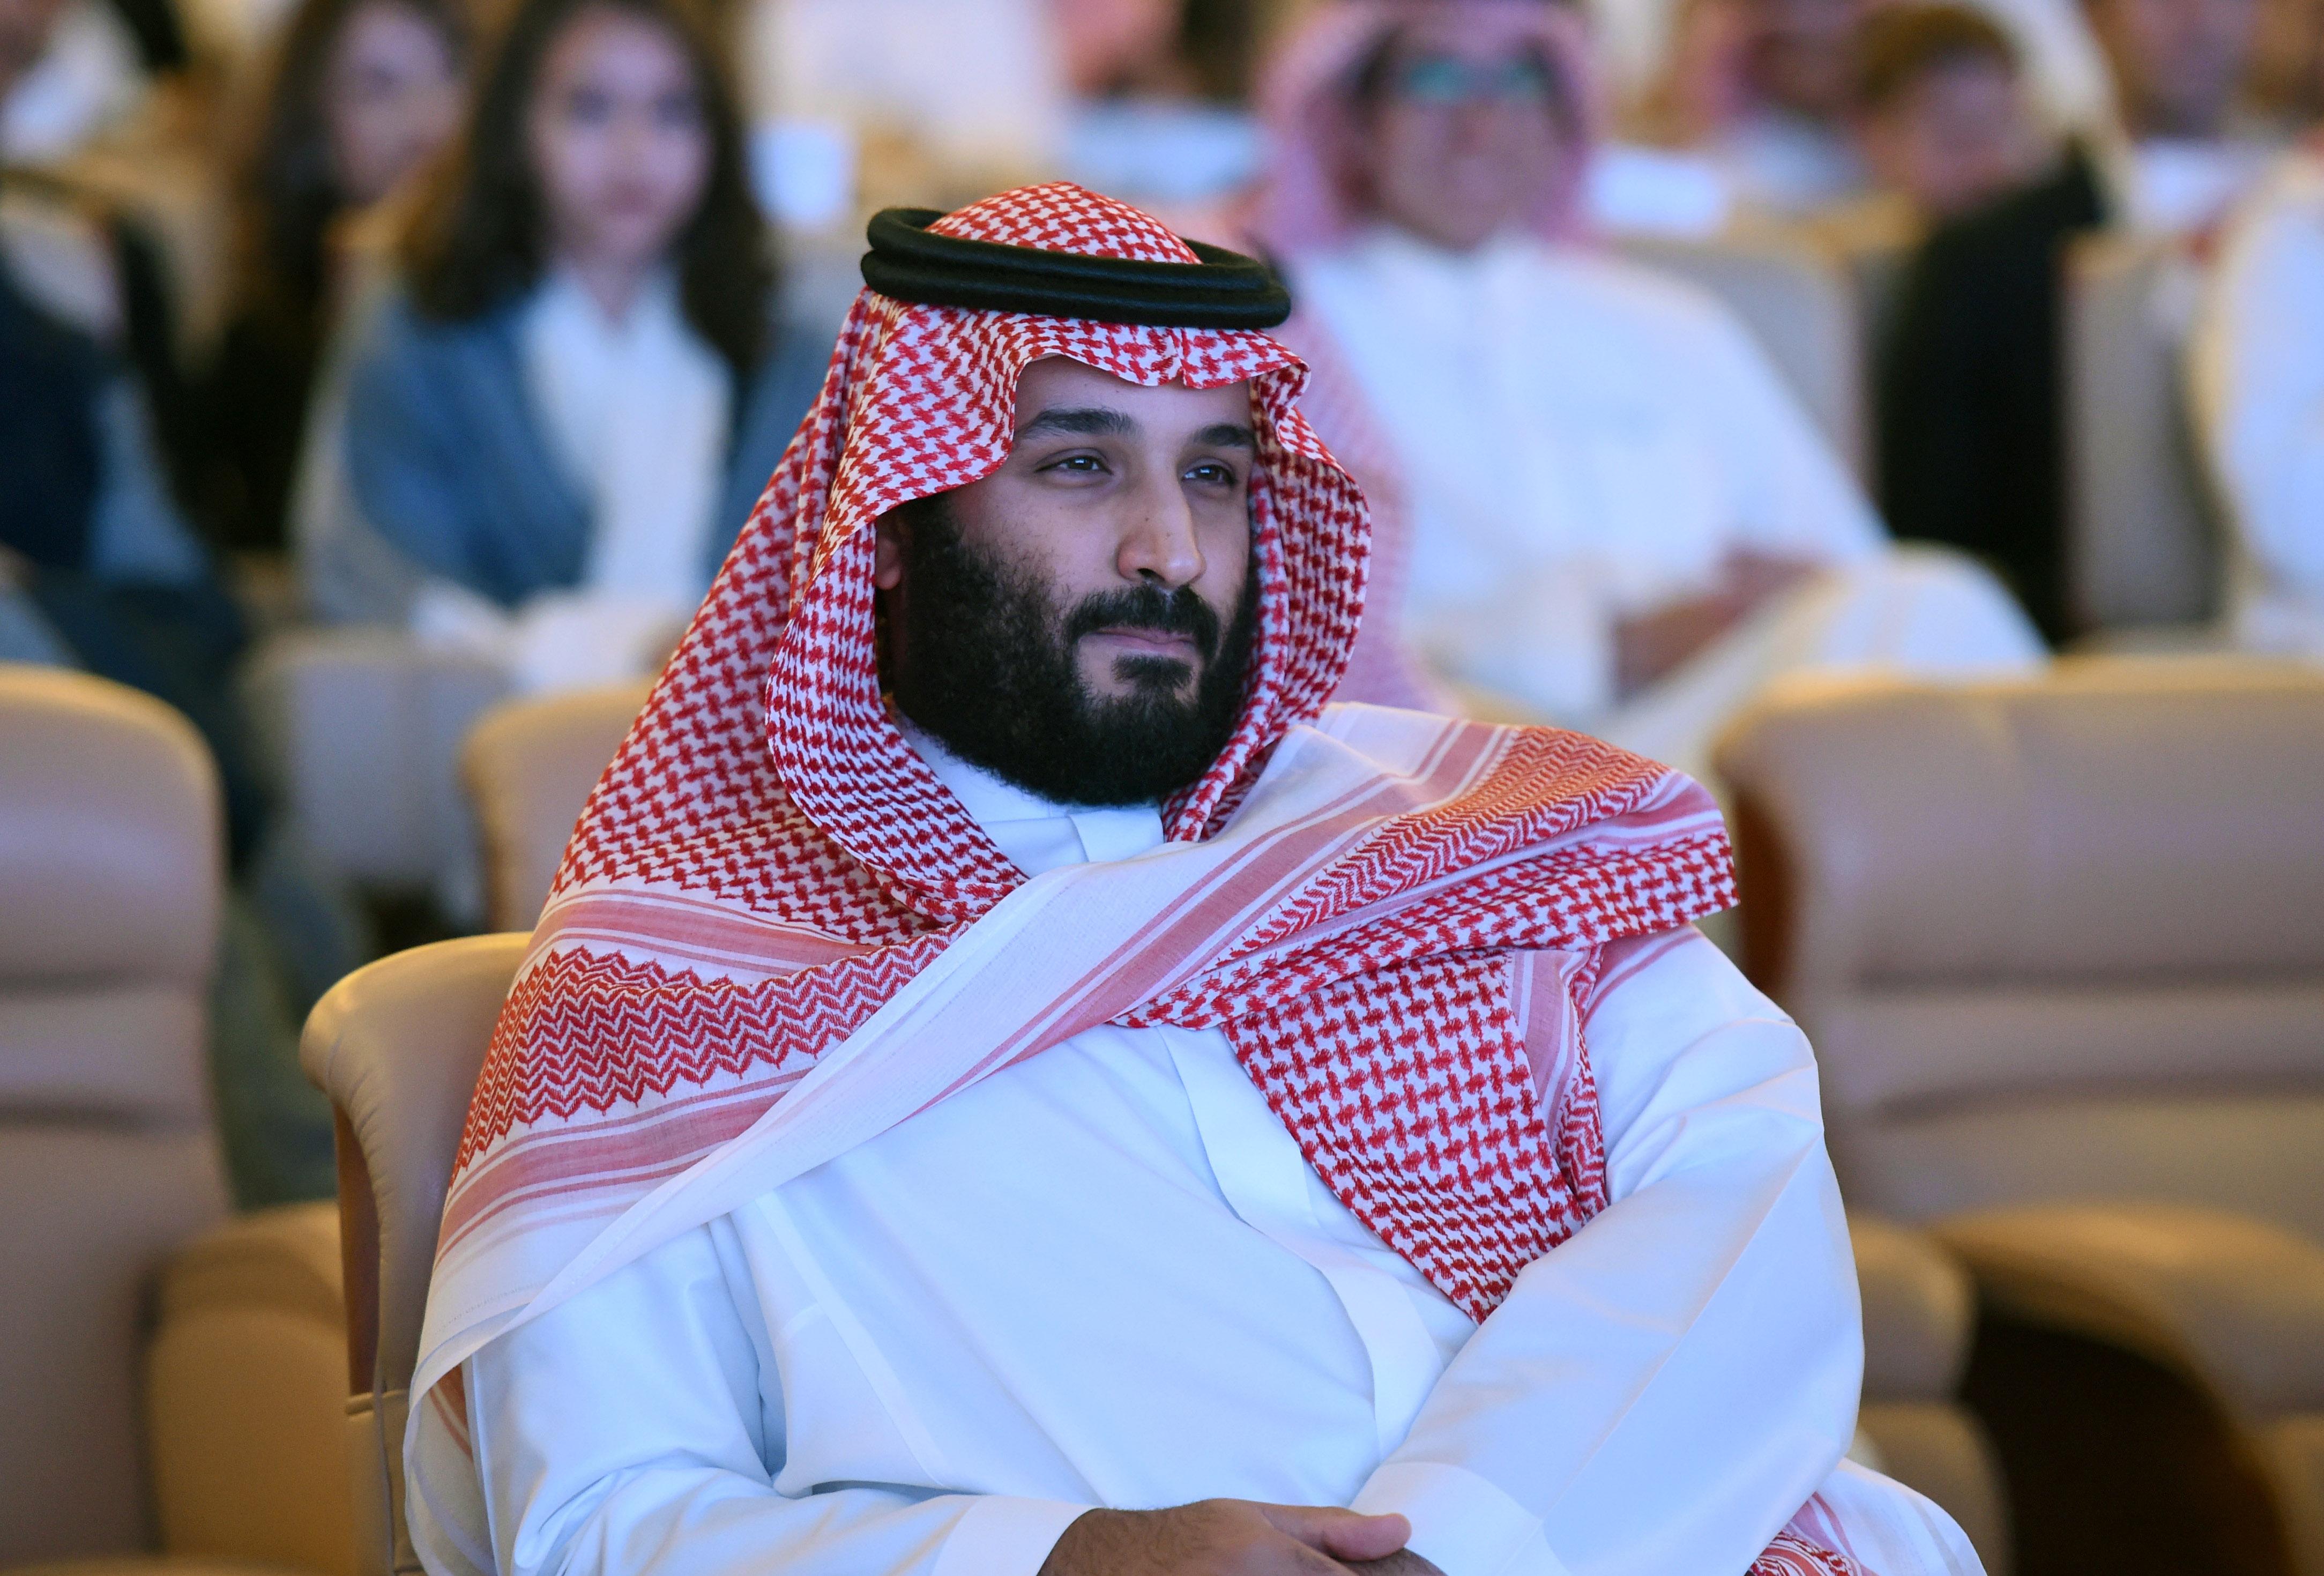 El príncipe heredero Mohamed bin Salmán, 32 años, cuya influencia en el poder no deja de crecer.